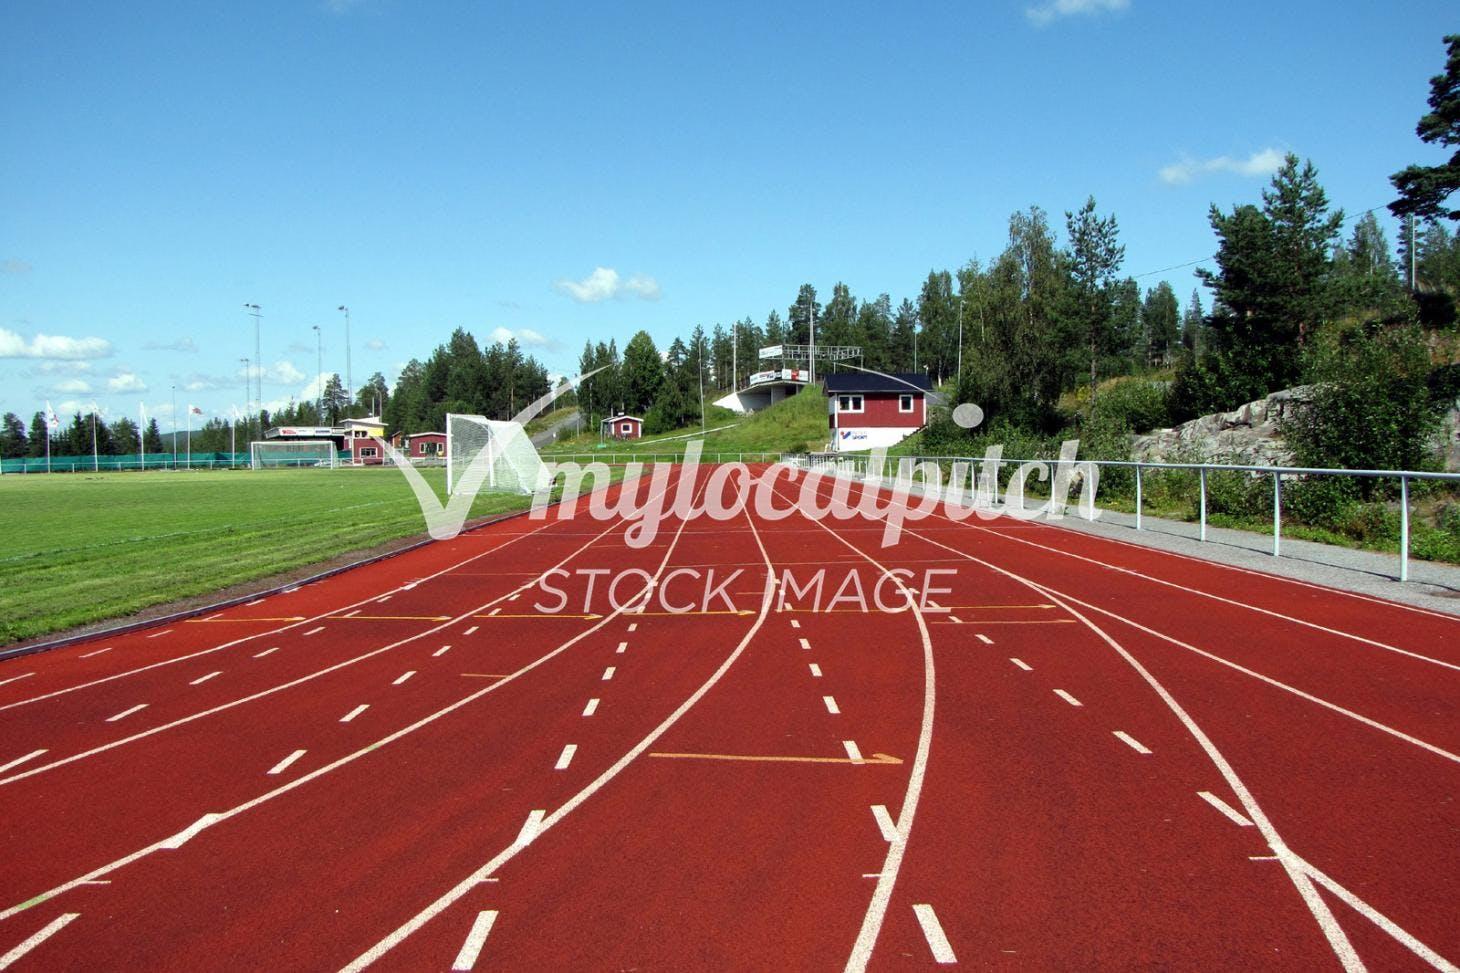 Drayton Green Running Track Outdoor | Grass athletics track